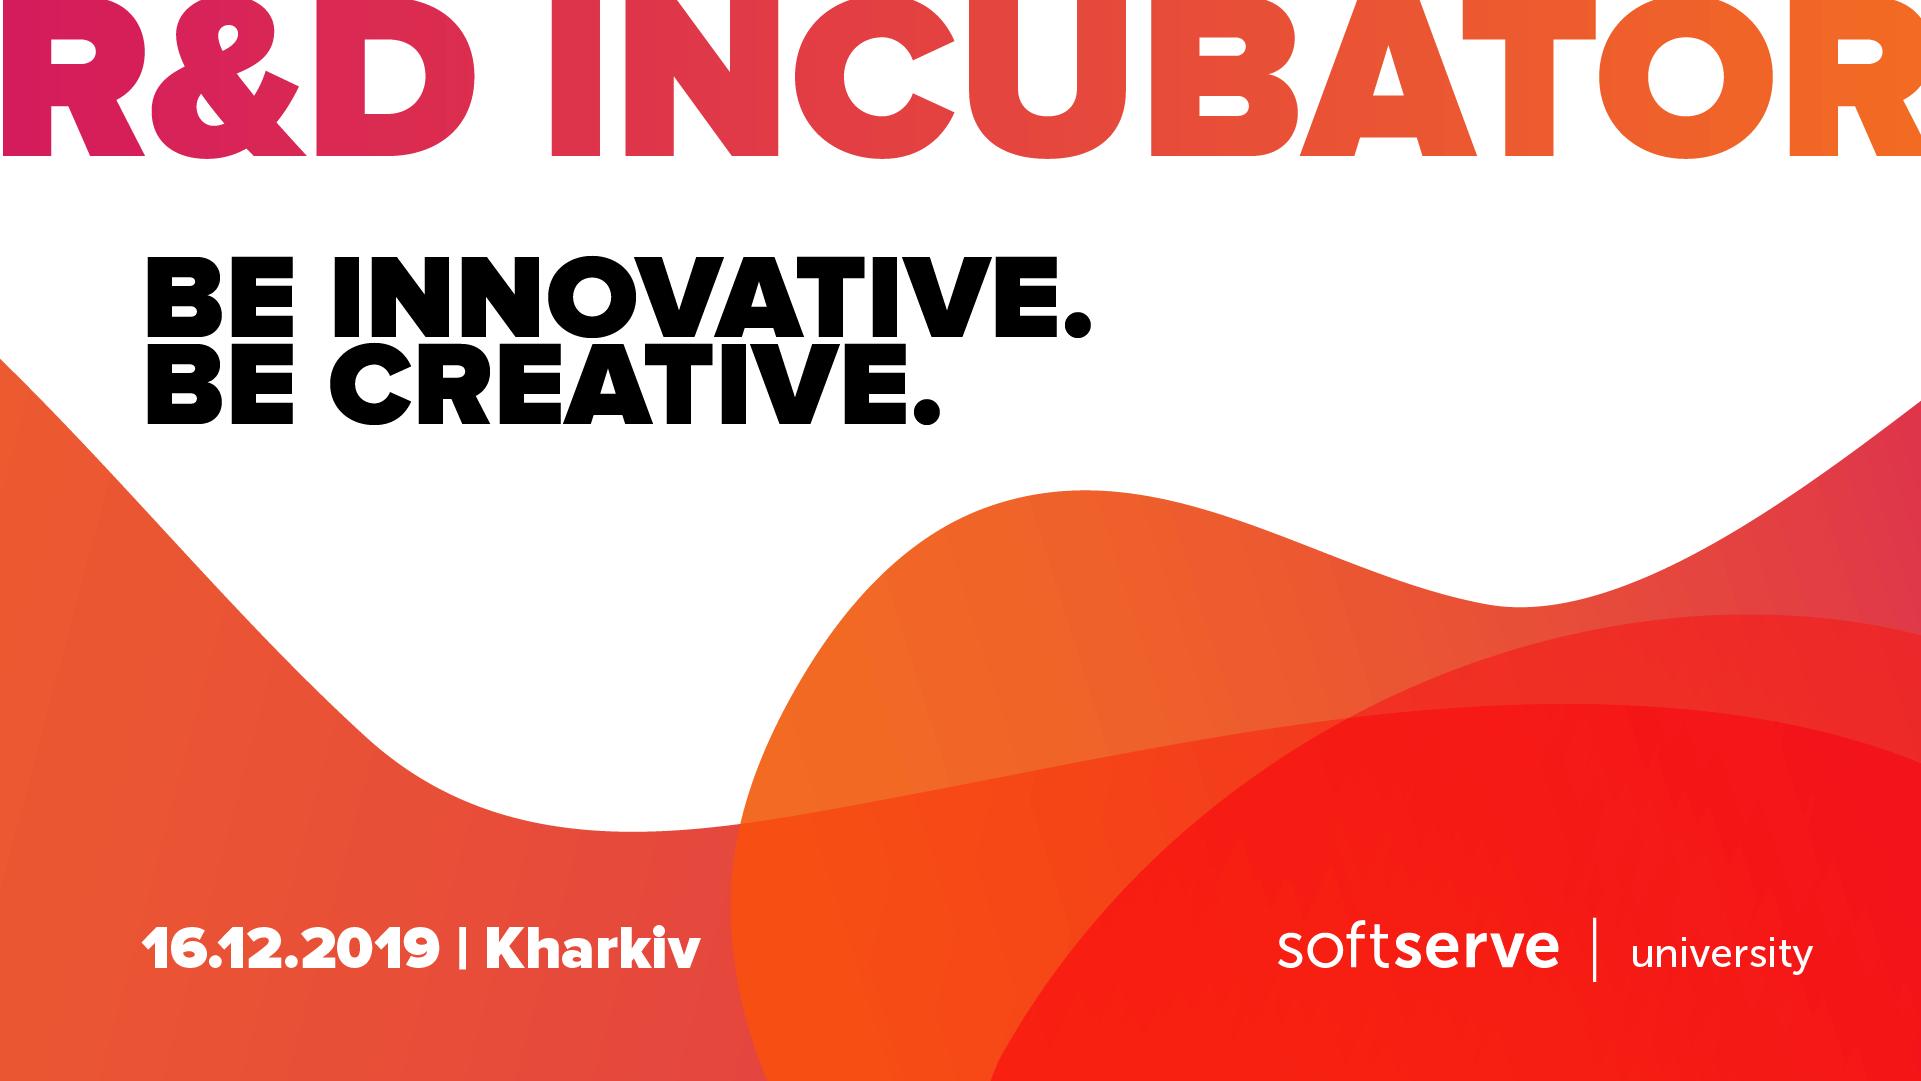 SoftServe відкриває реєстрацію на участь в R&D Incubator у Харкові!